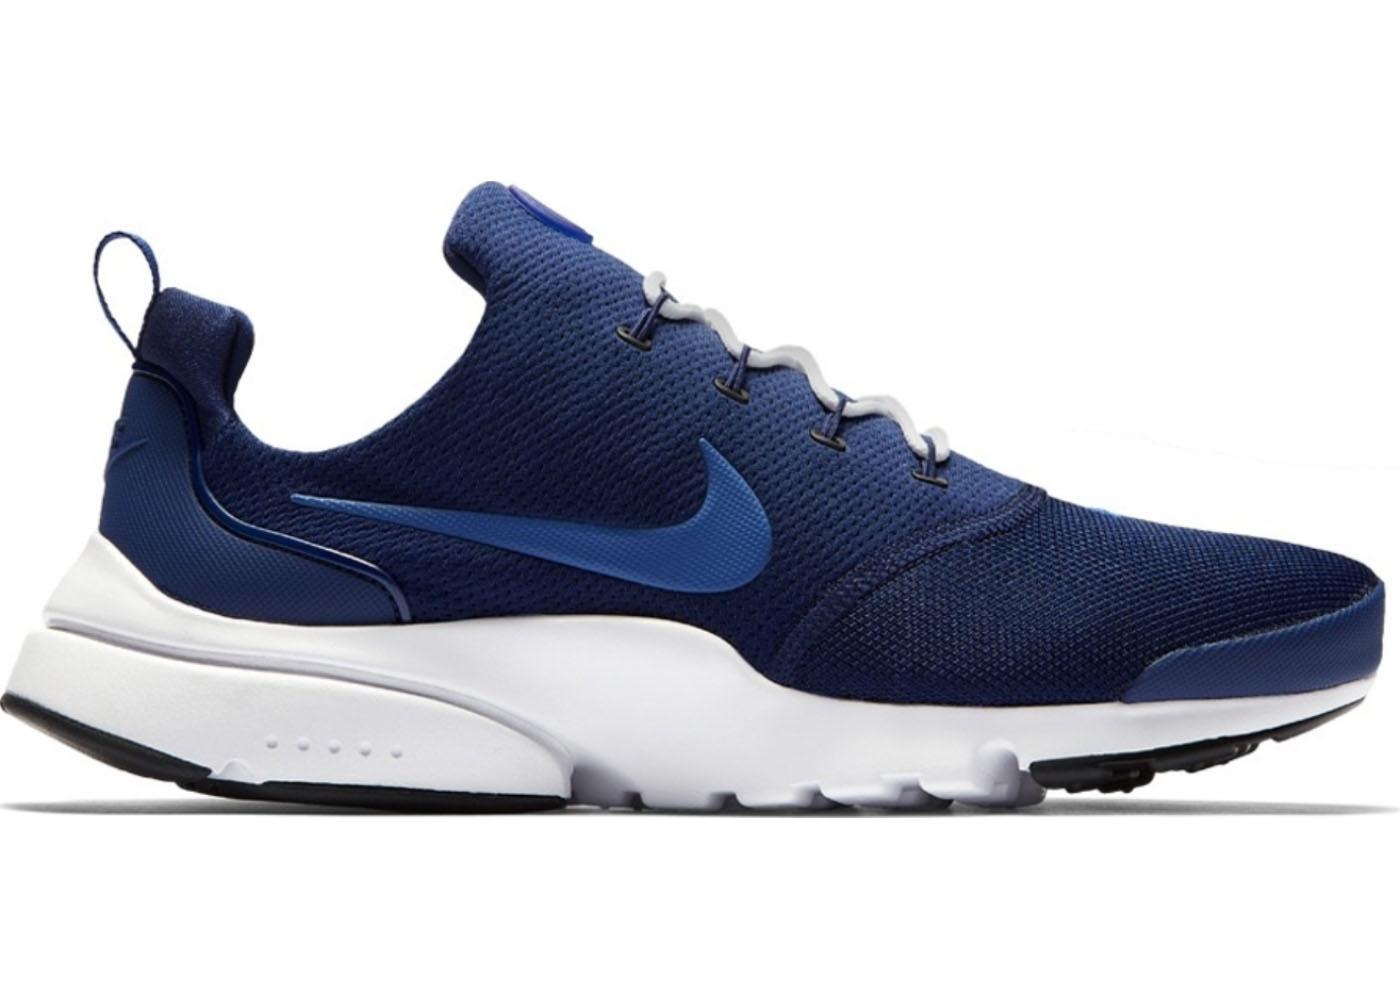 Nike Presto Fly Blue Void - 908019-406